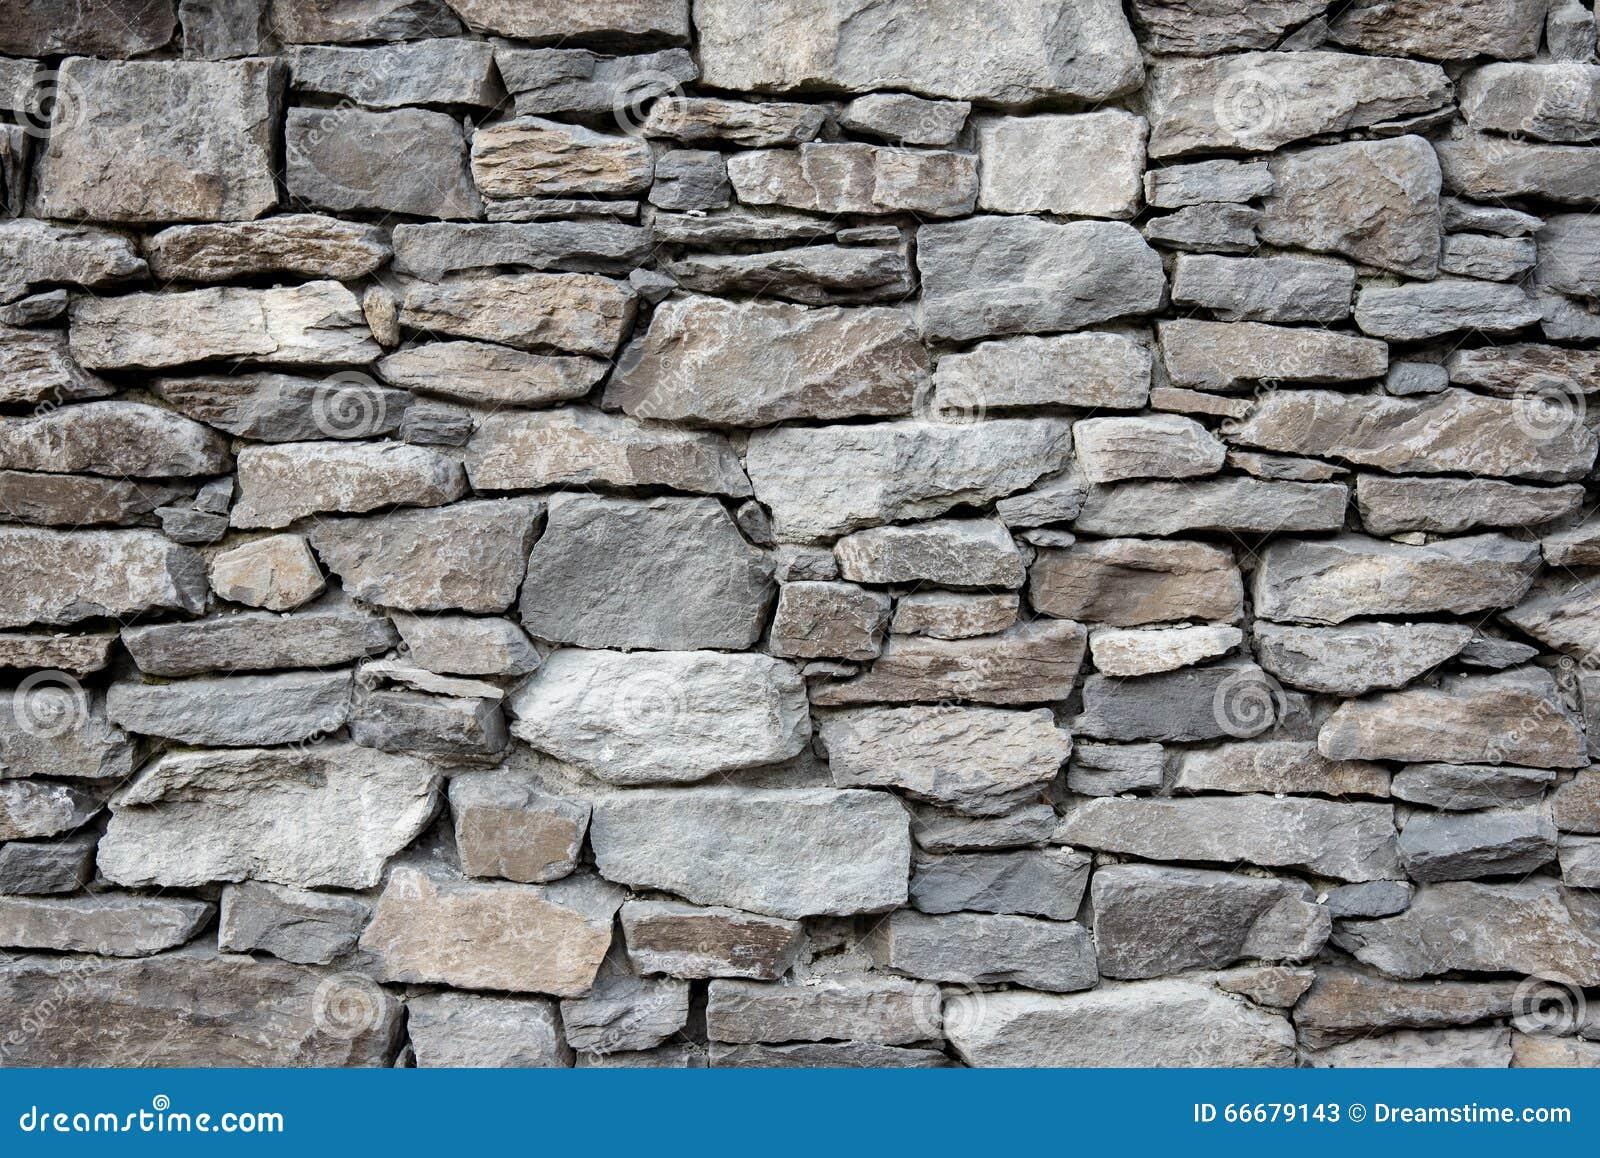 modern stone facade rock wall - Rock Wall Design